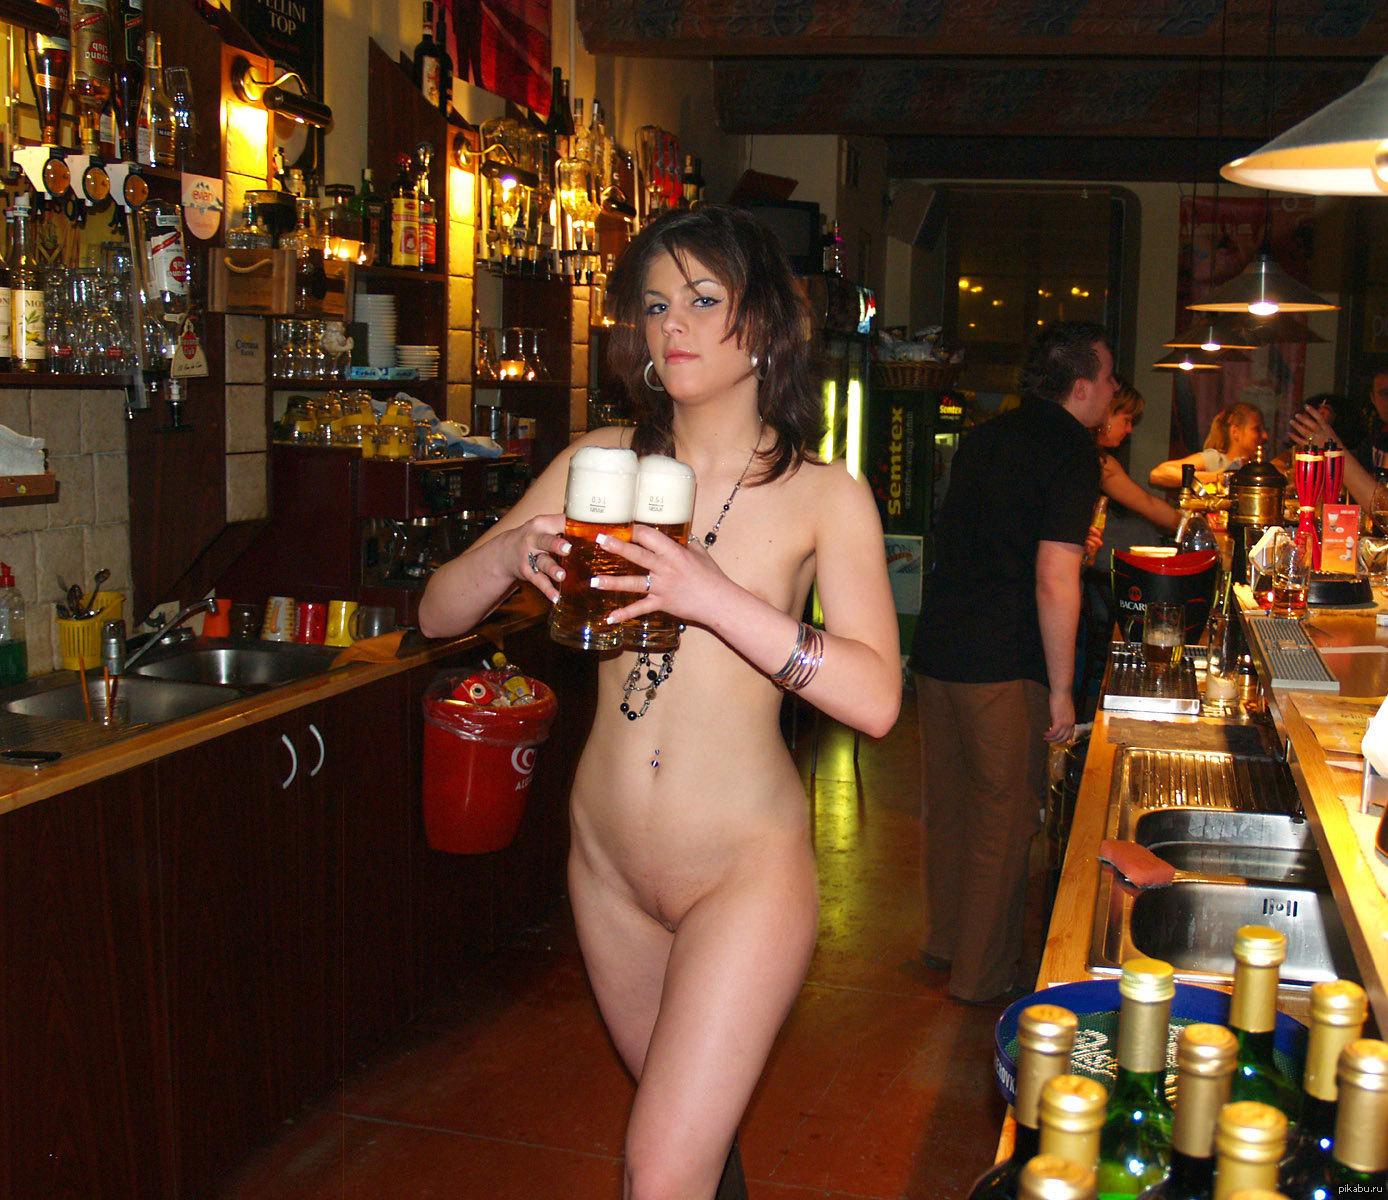 фото голые девушки и пиво